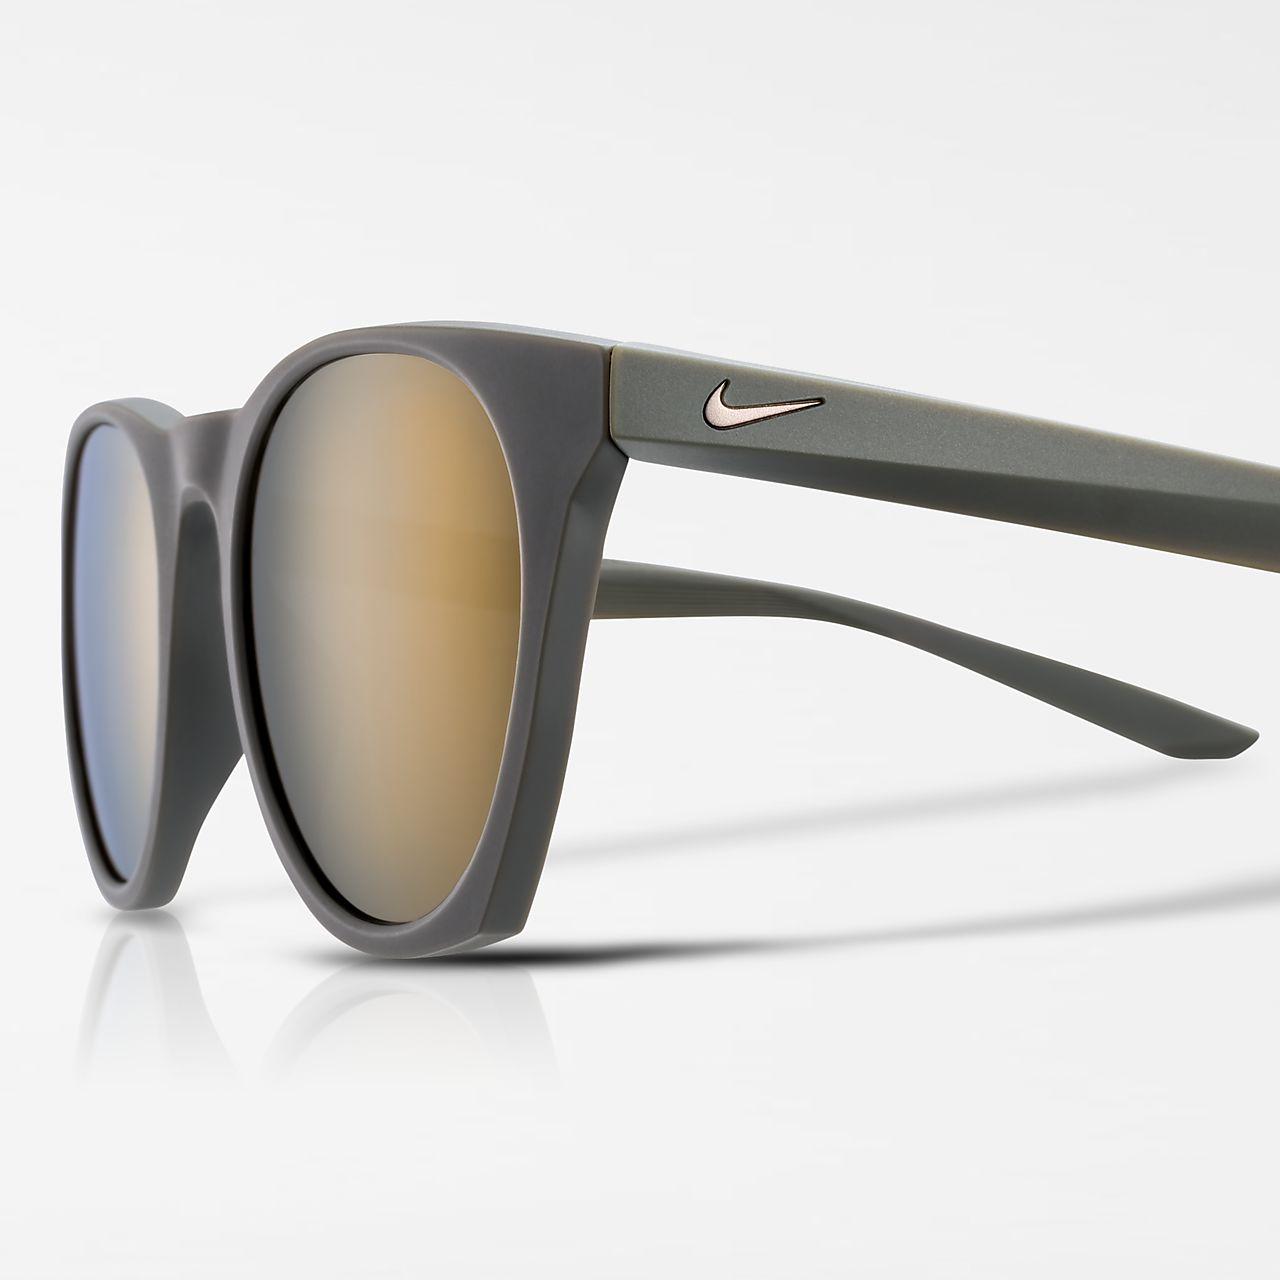 Okulary Przeciwsłoneczne Nike Essential Horizon Mirrored Nikecom Pl